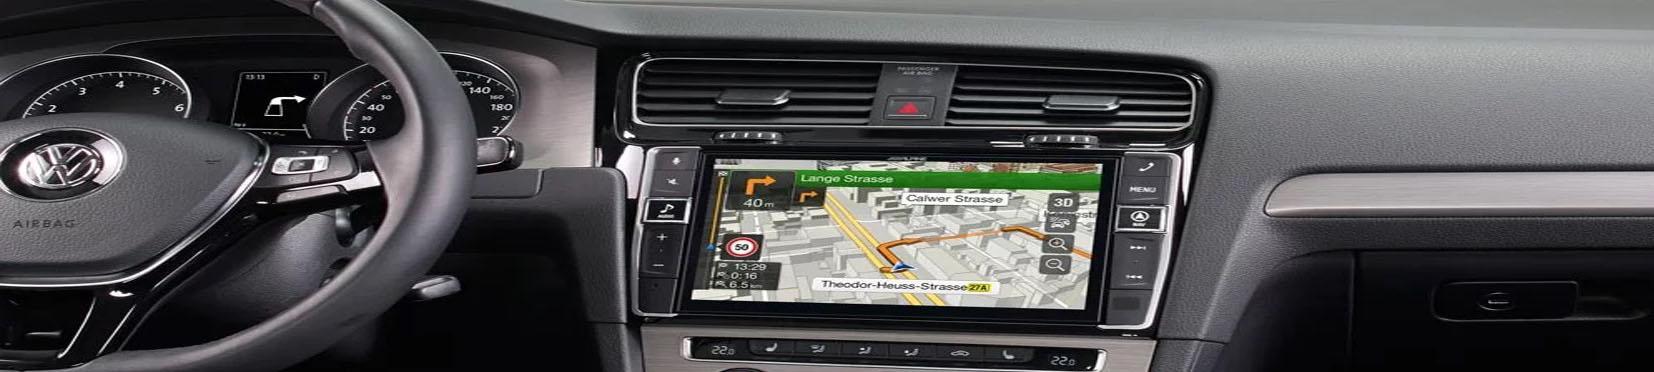 Logiciel et Cartographie pour GPS et Autoradio Multimedia